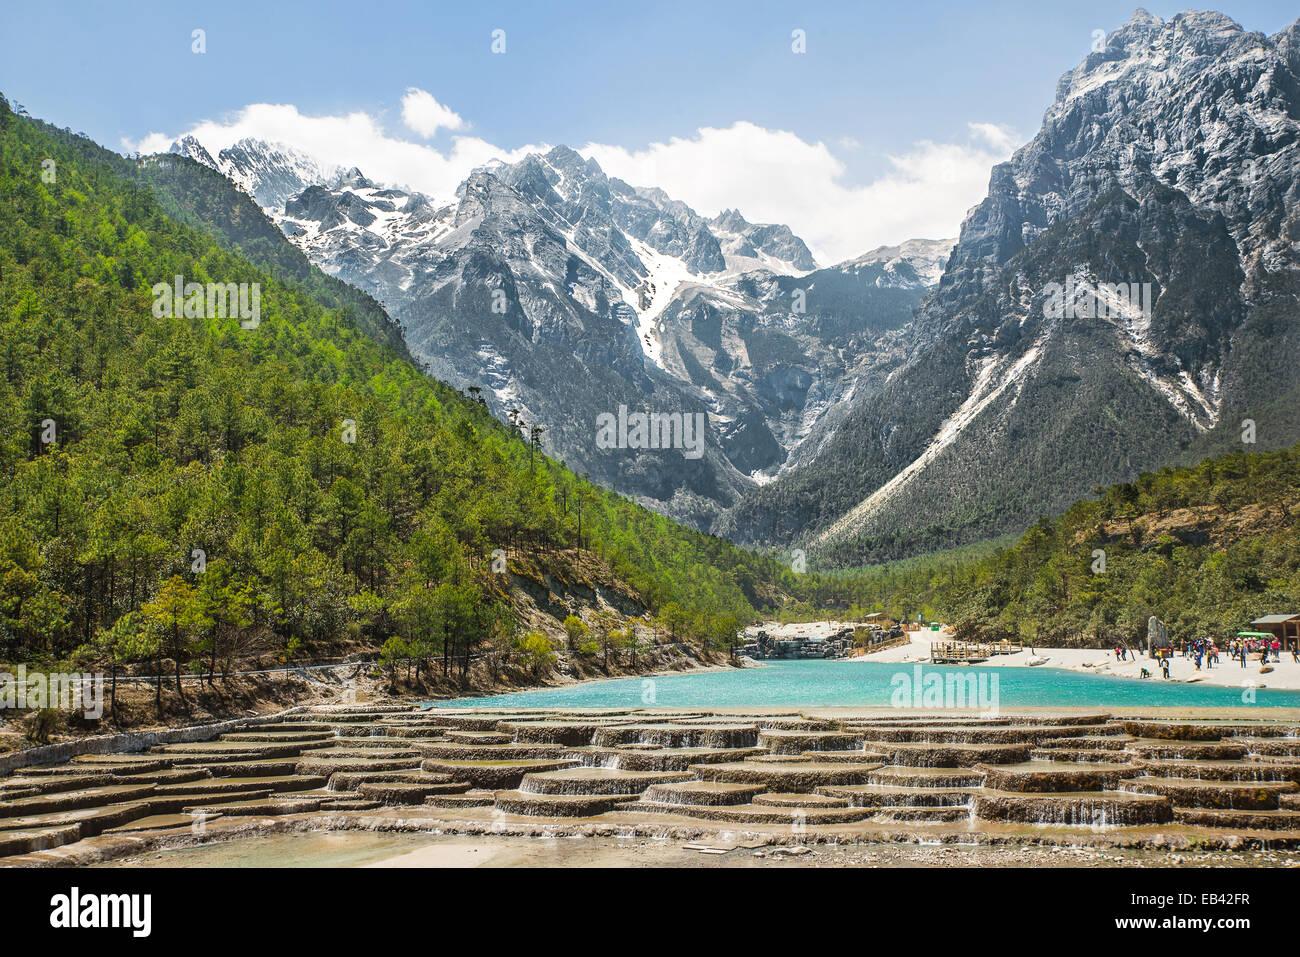 Chute d'eau-vive et Montagne Enneigée du Dragon de Jade, Lijiang, Yunnan, Chine. Photo Stock